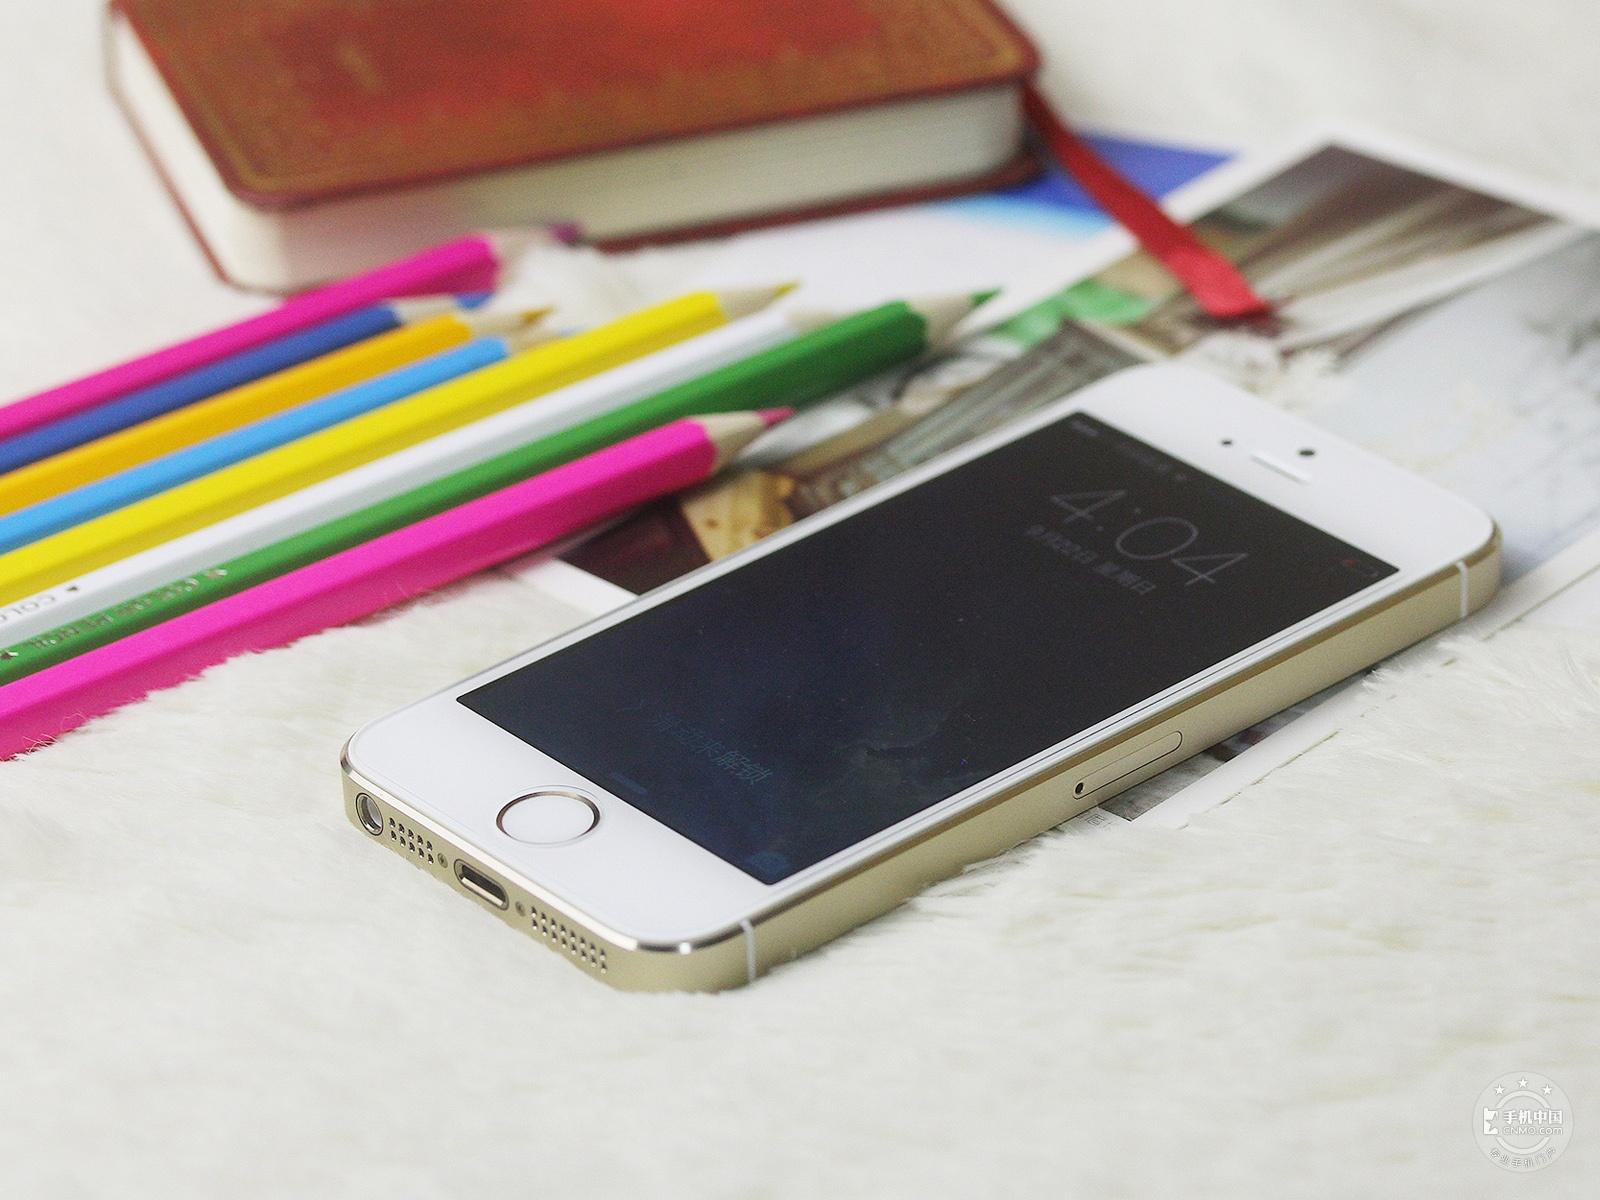 苹果iPhone5s(16GB)整体外观第5张